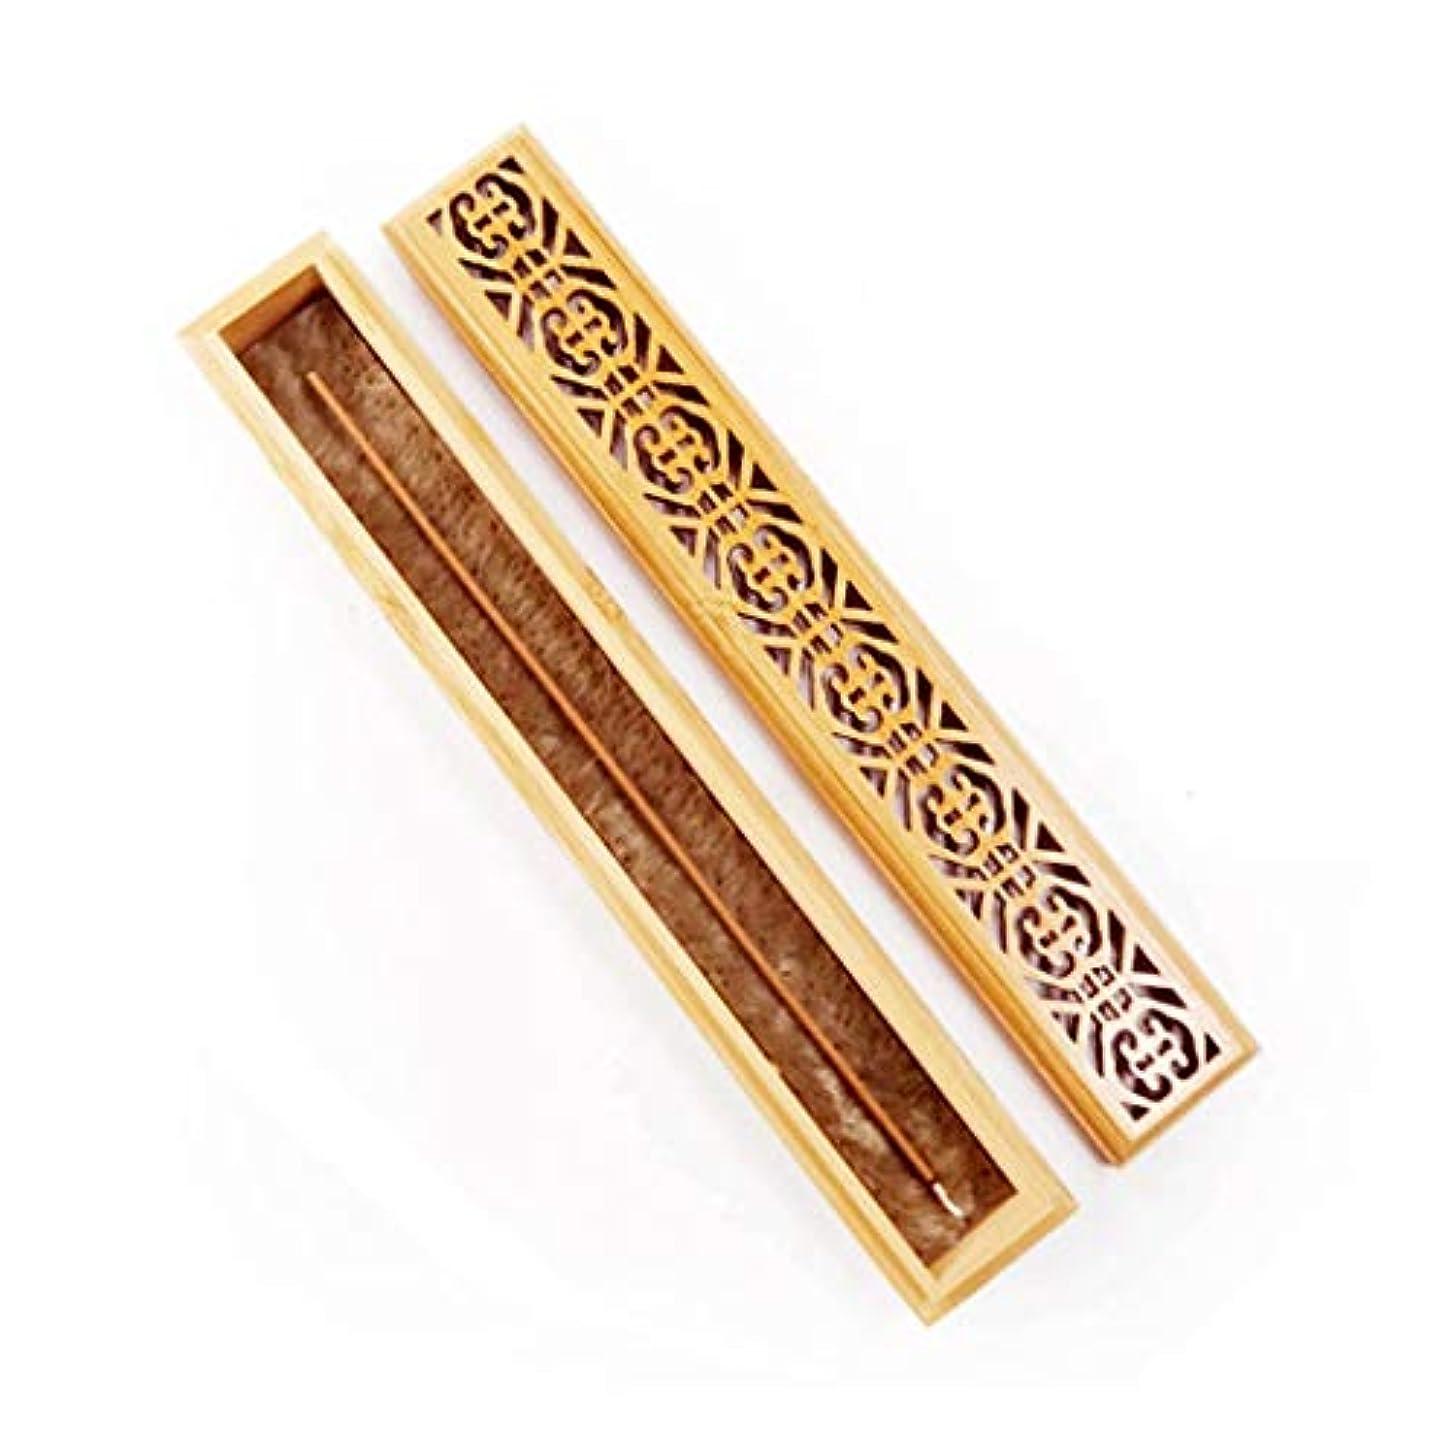 劇作家追加するセールスマンヴィンテージ長方形の竹香炉中空パターン絶妙なふた香スティックホルダー灰キャッチャーホーム香ホルダー (Color : Wood, サイズ : 9.29*1.45*1.02inchs)